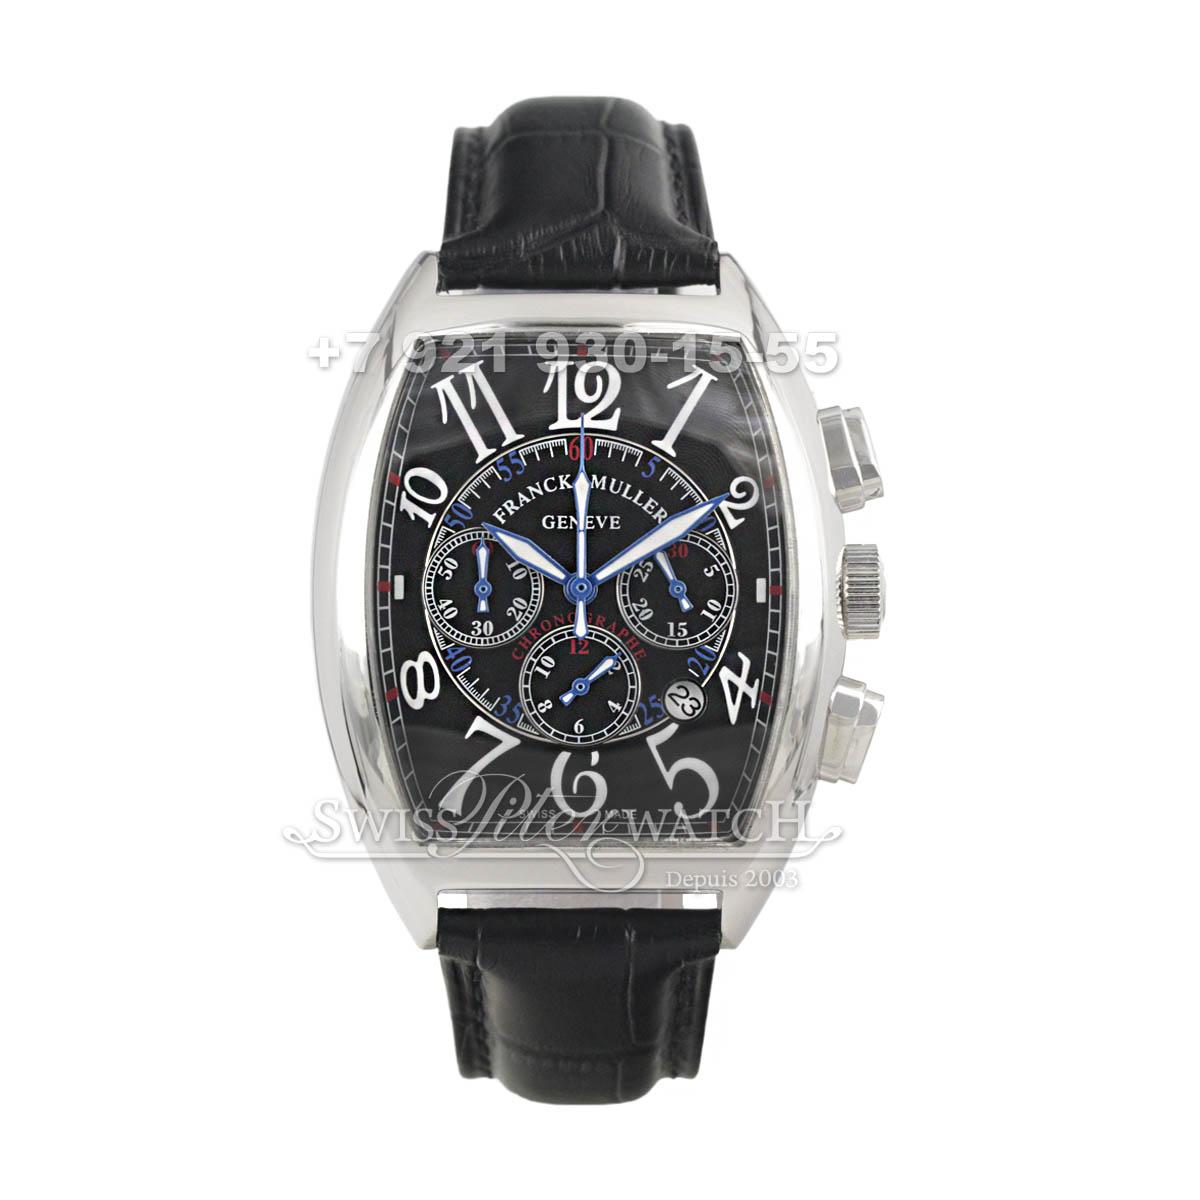 da718955 Купить Franck Muller 028.125 (копия) в интернет-магазине часов в Санкт- Петербурге